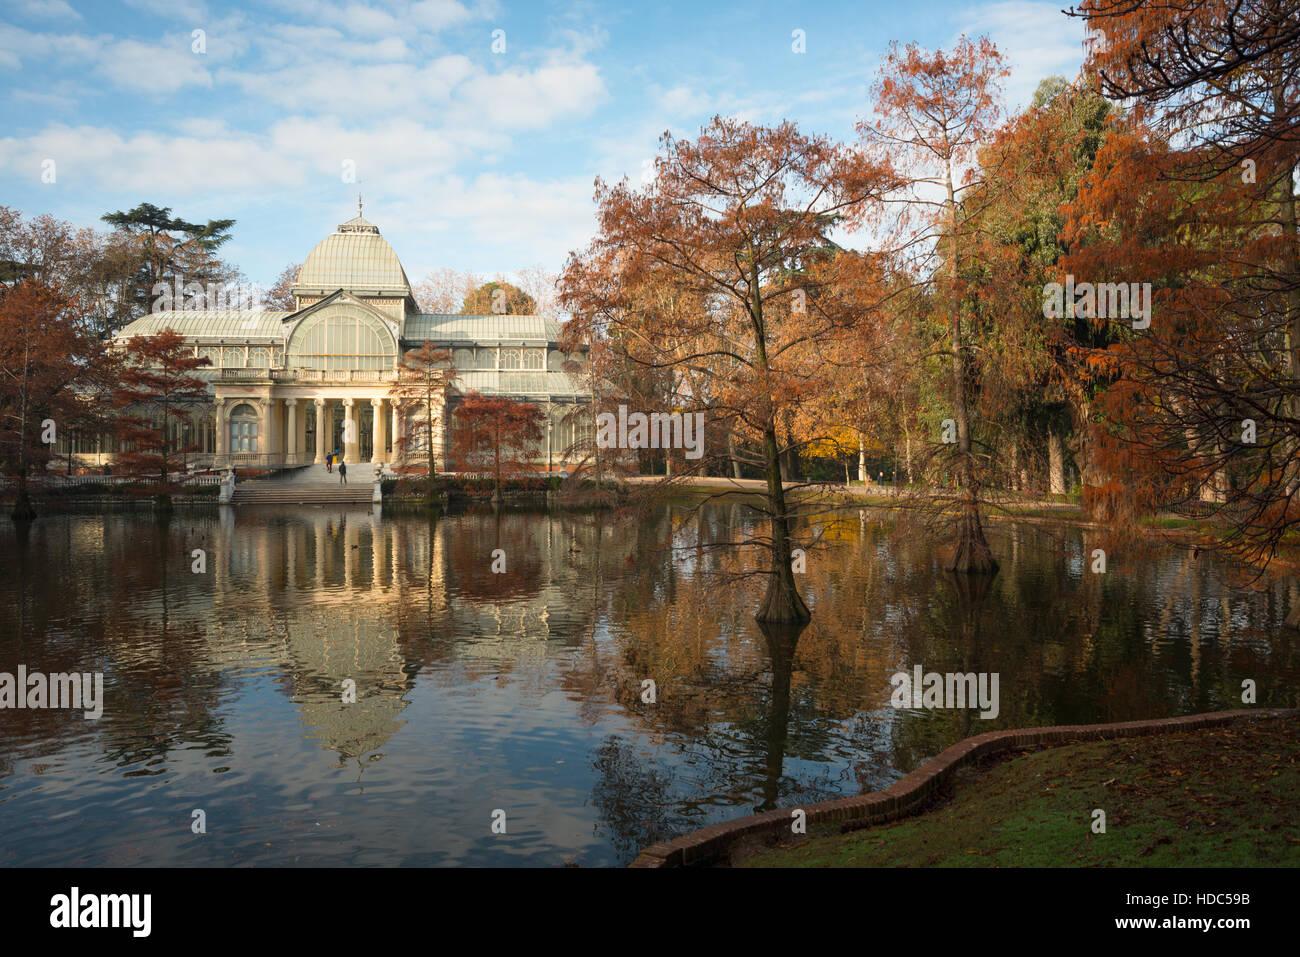 Il palazzo di cristallo del Buen Retiro Park, Madrid Spagna Immagini Stock